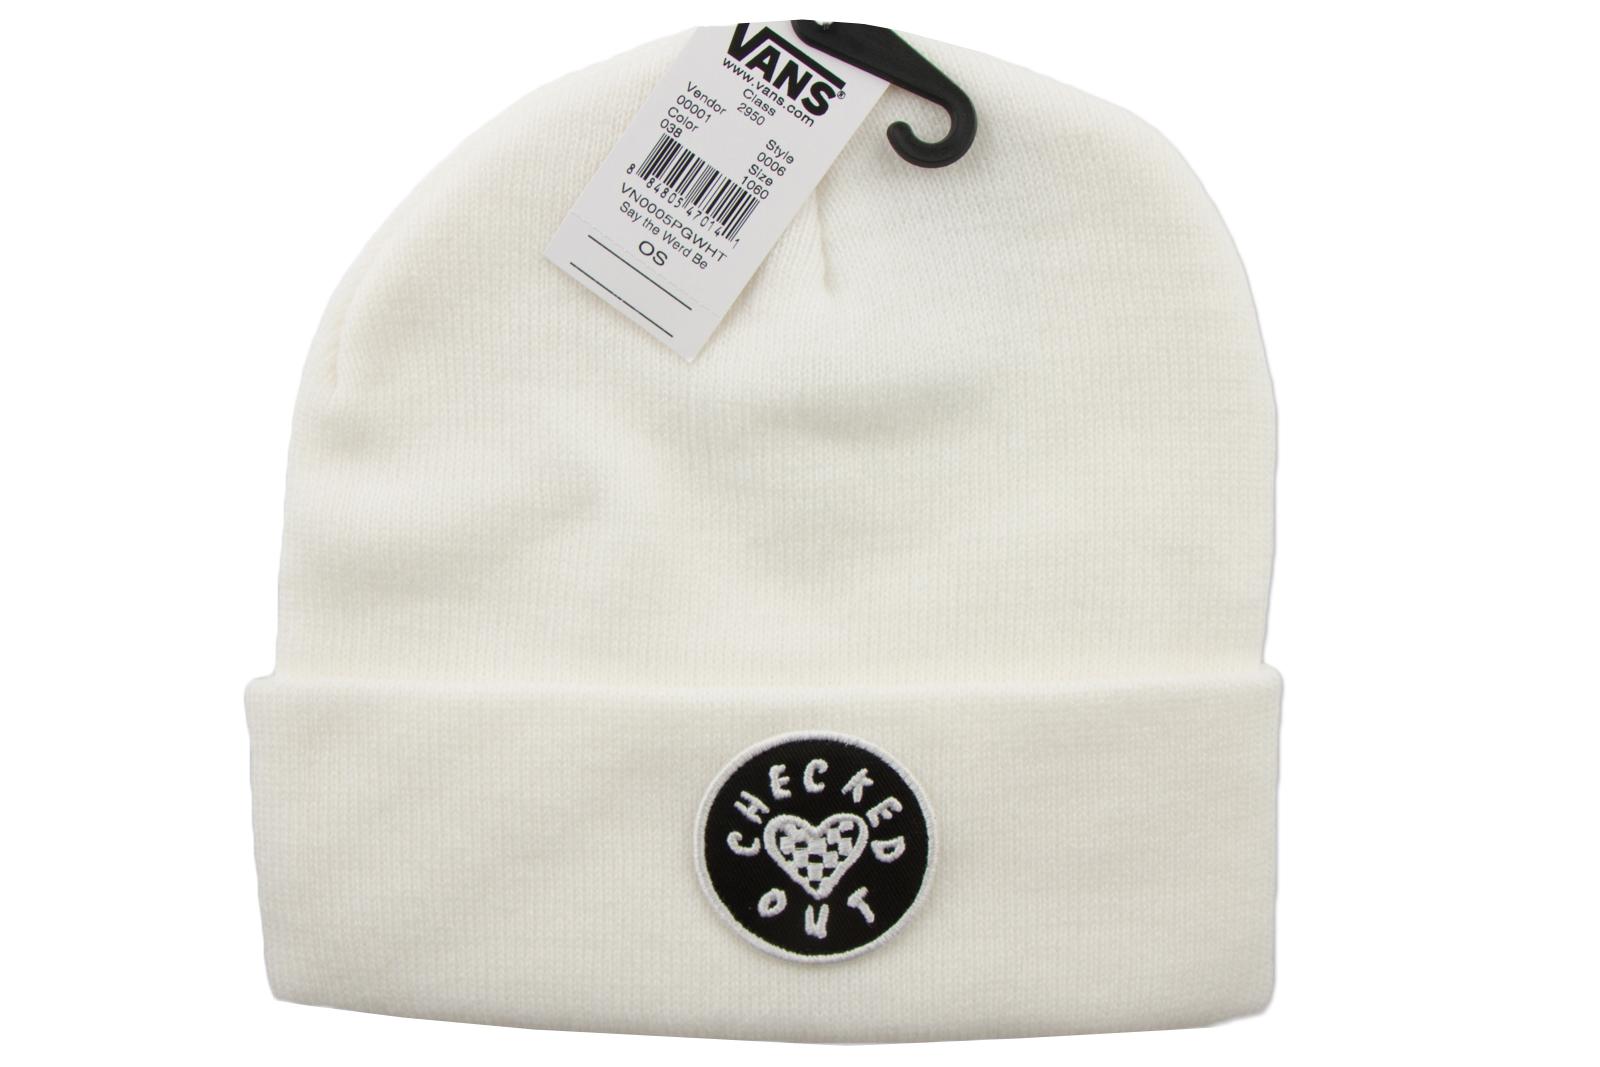 328d46545b VANS czapka zimowa beanie klasyczna na zimę - 7007781719 - oficjalne ...